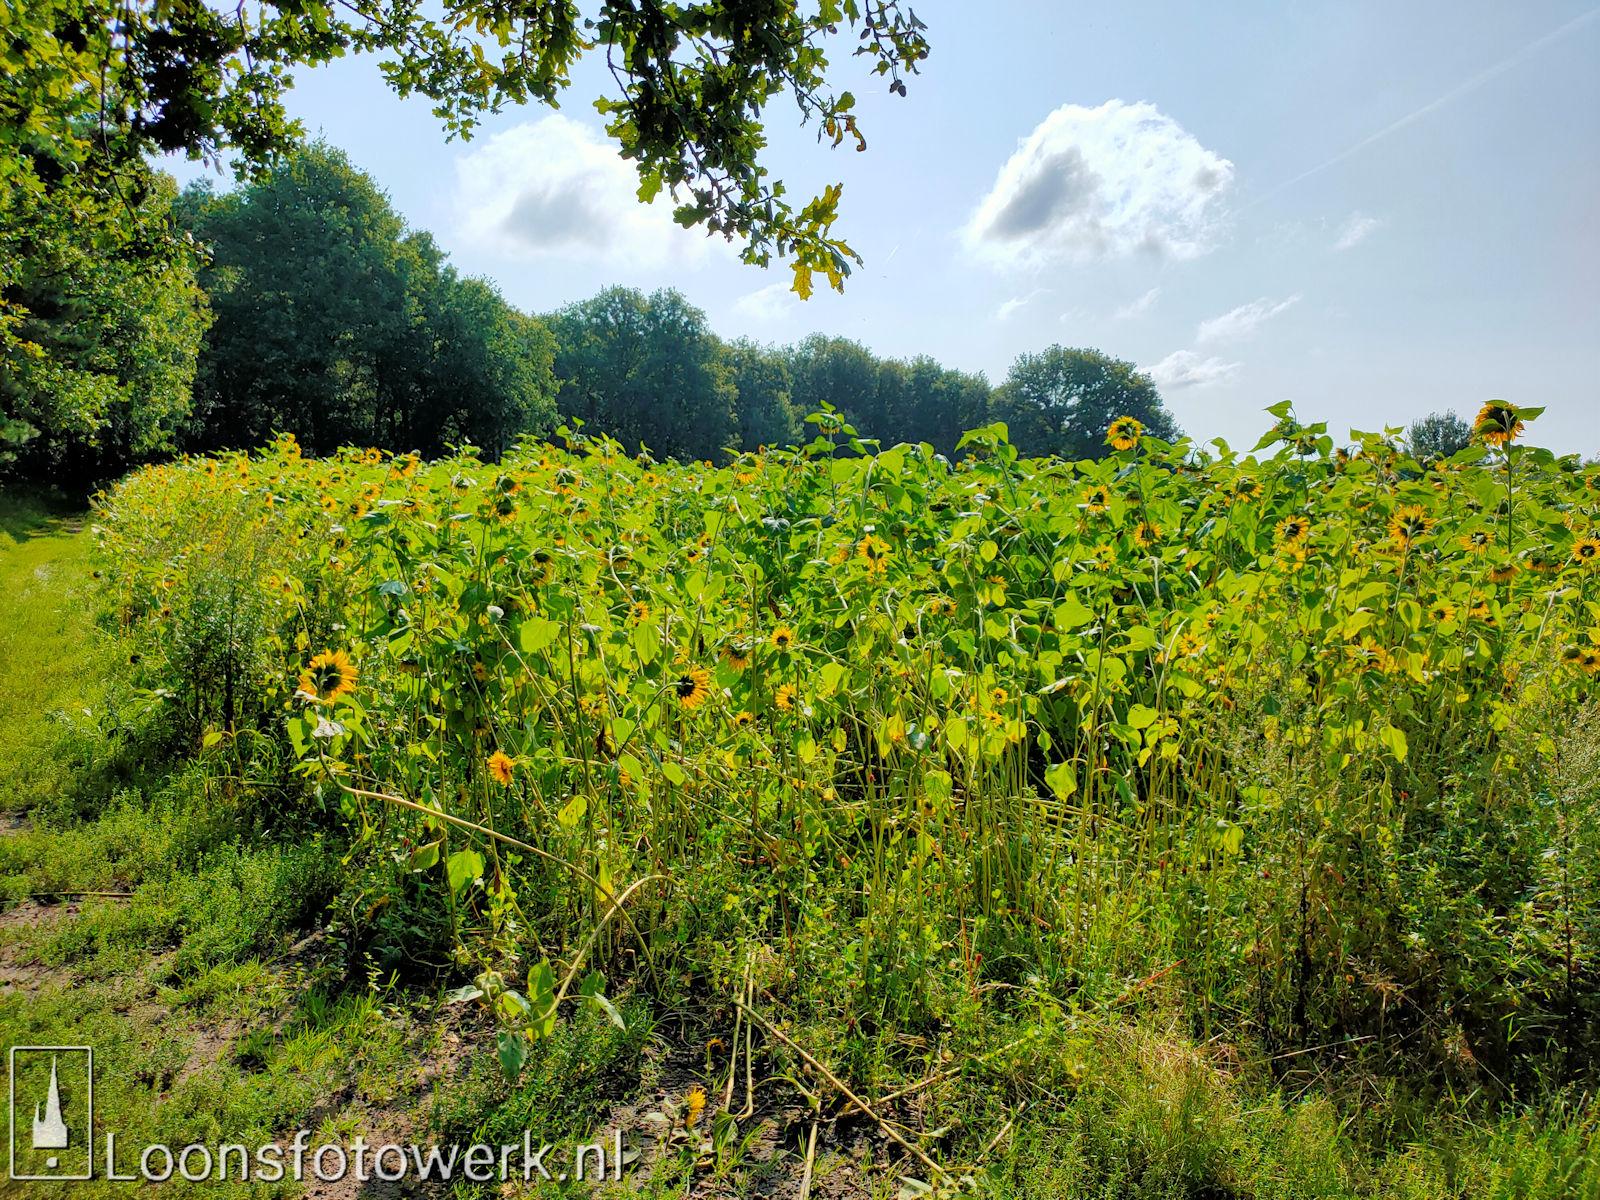 Zonnebloemen Duiksehoef 15